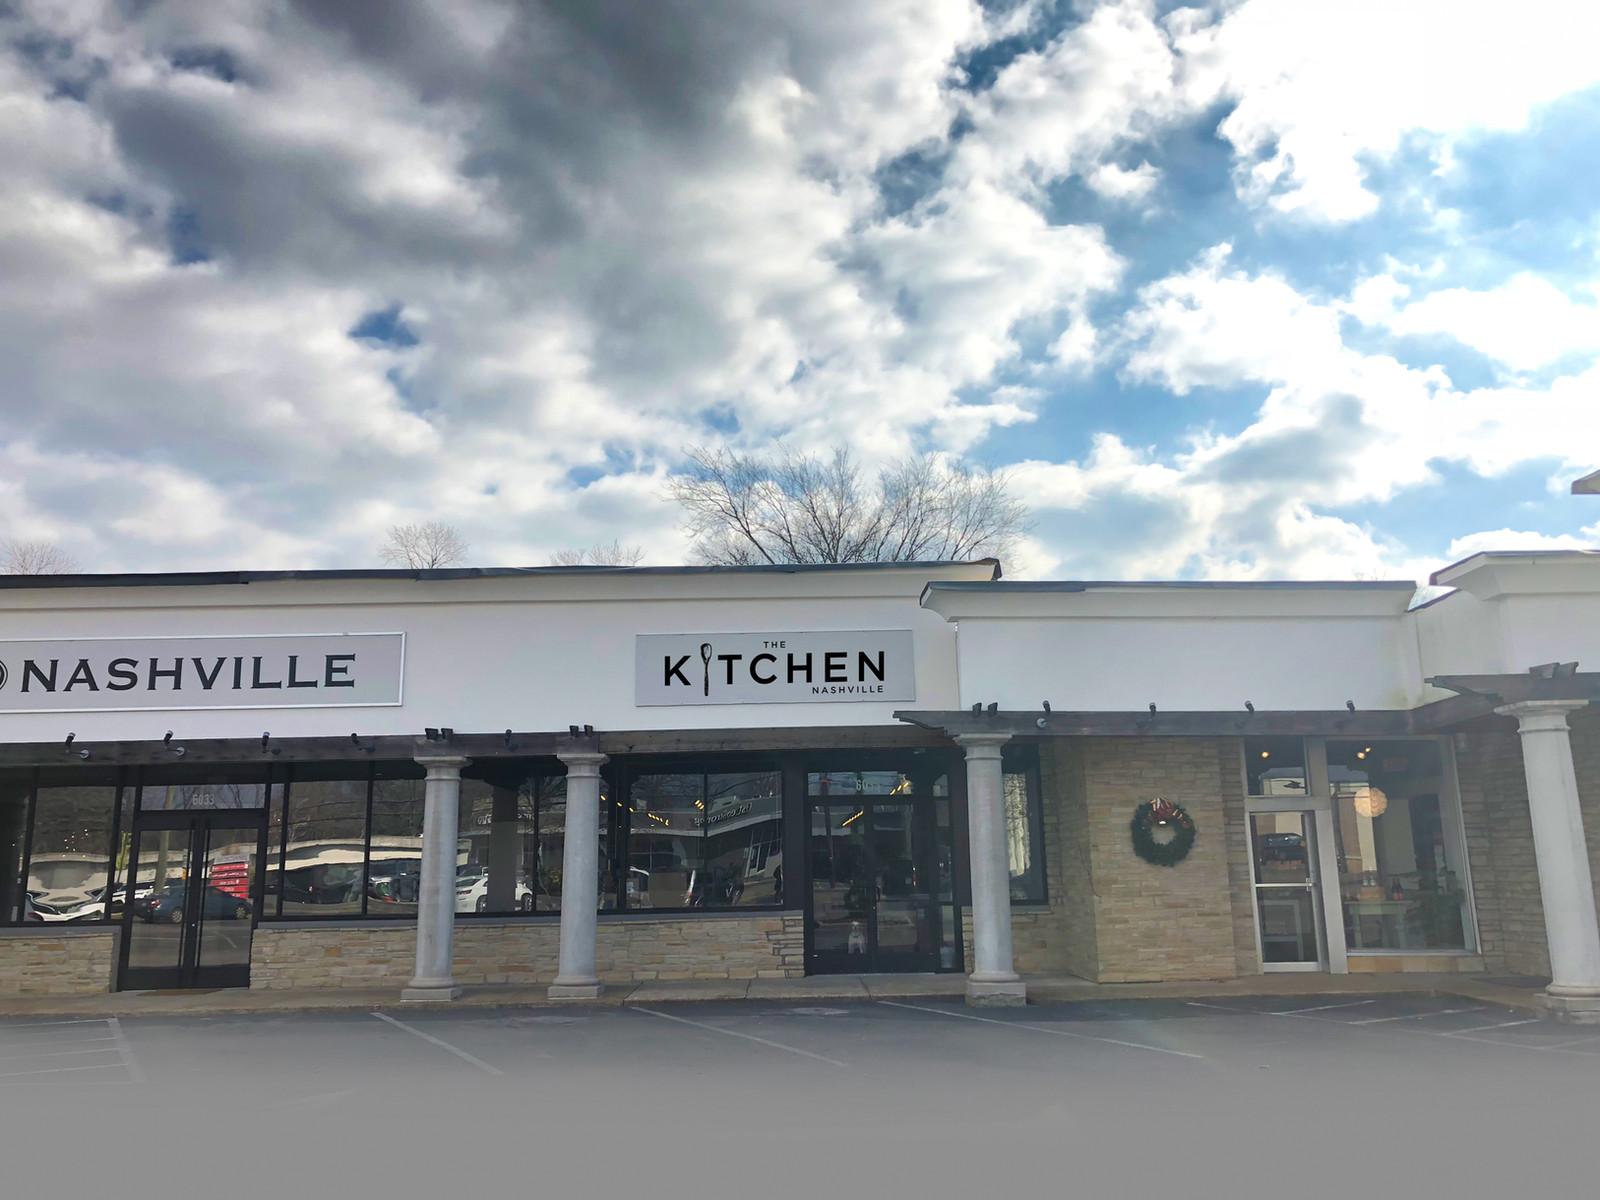 The Kitchen Nashville | Kitchen Store | Kitchen Supplies | STORE PHOTOS